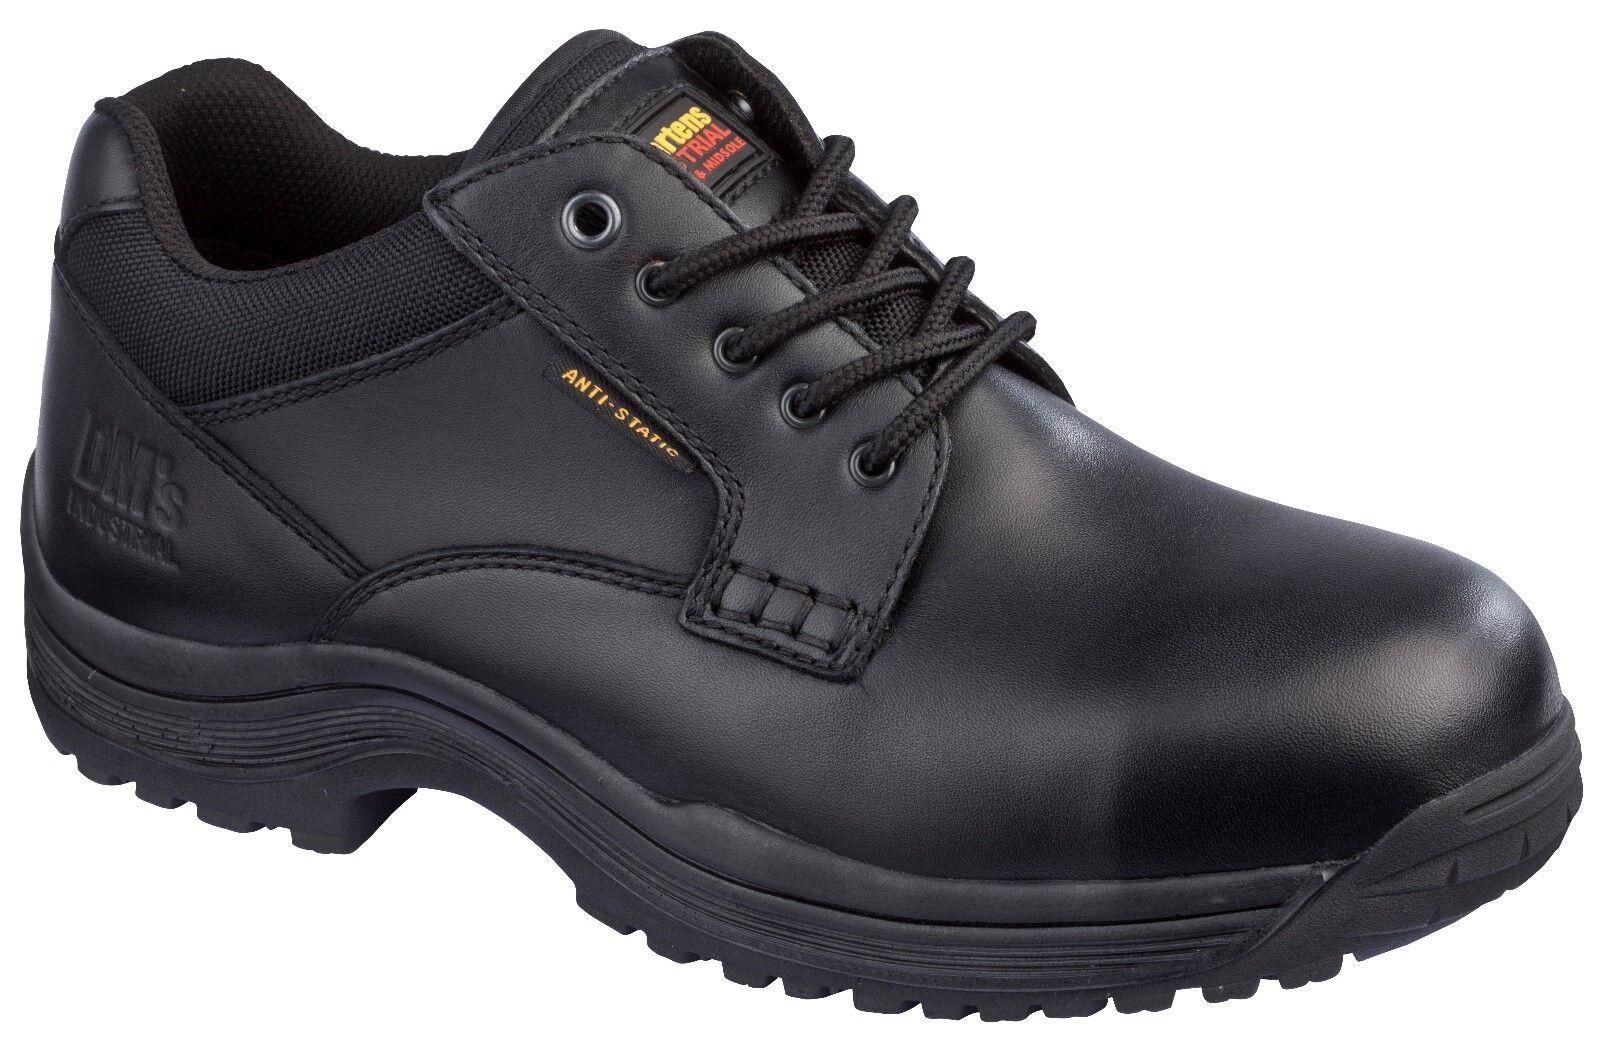 Dr. Martens Arbeitsschuh, Work12 , Leder Schuh, black, S3